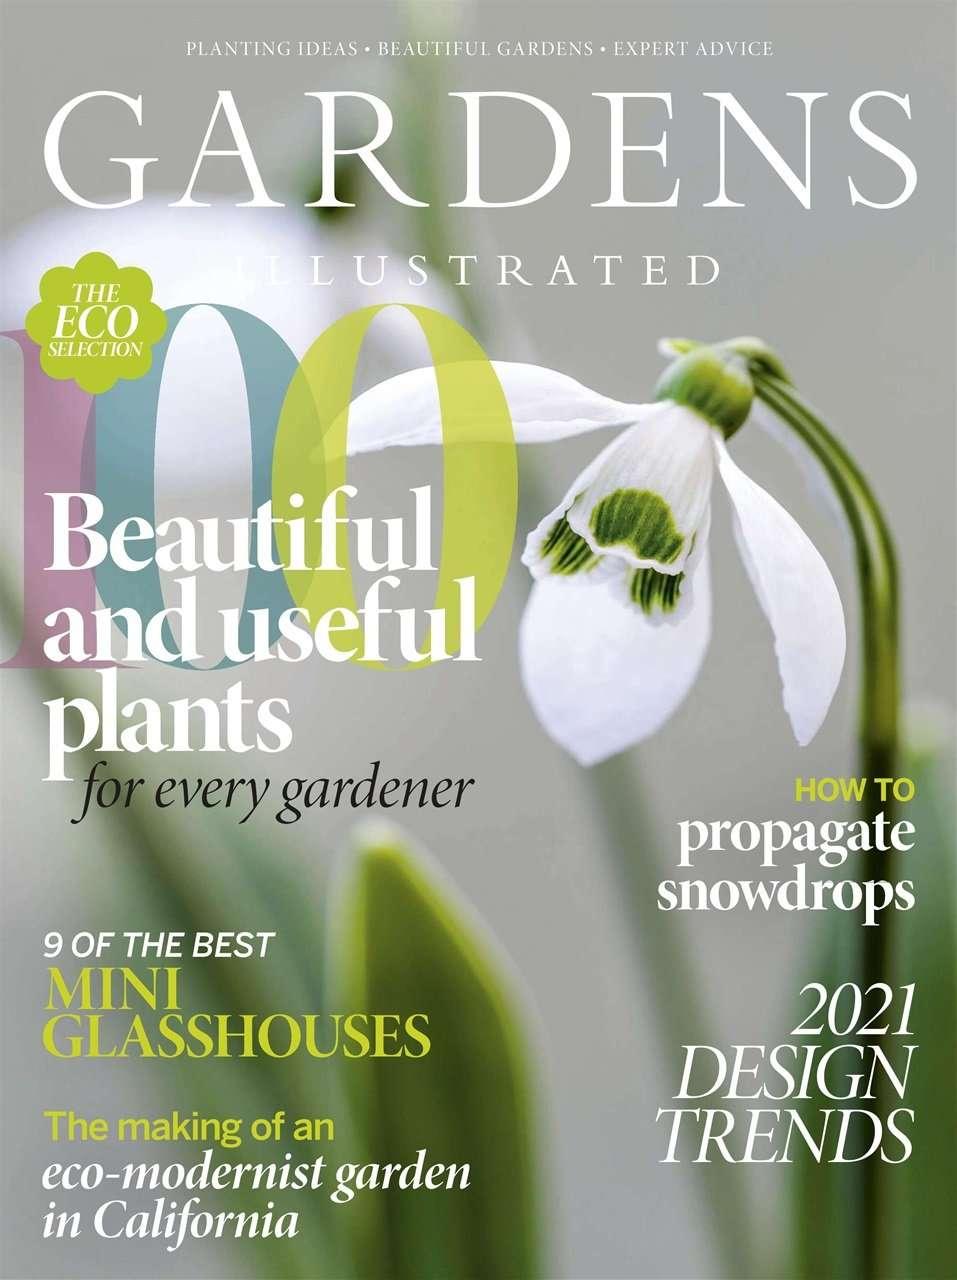 Gardens Illustrated Design Cover Trends 2021 Designer Ann-Marie Powell